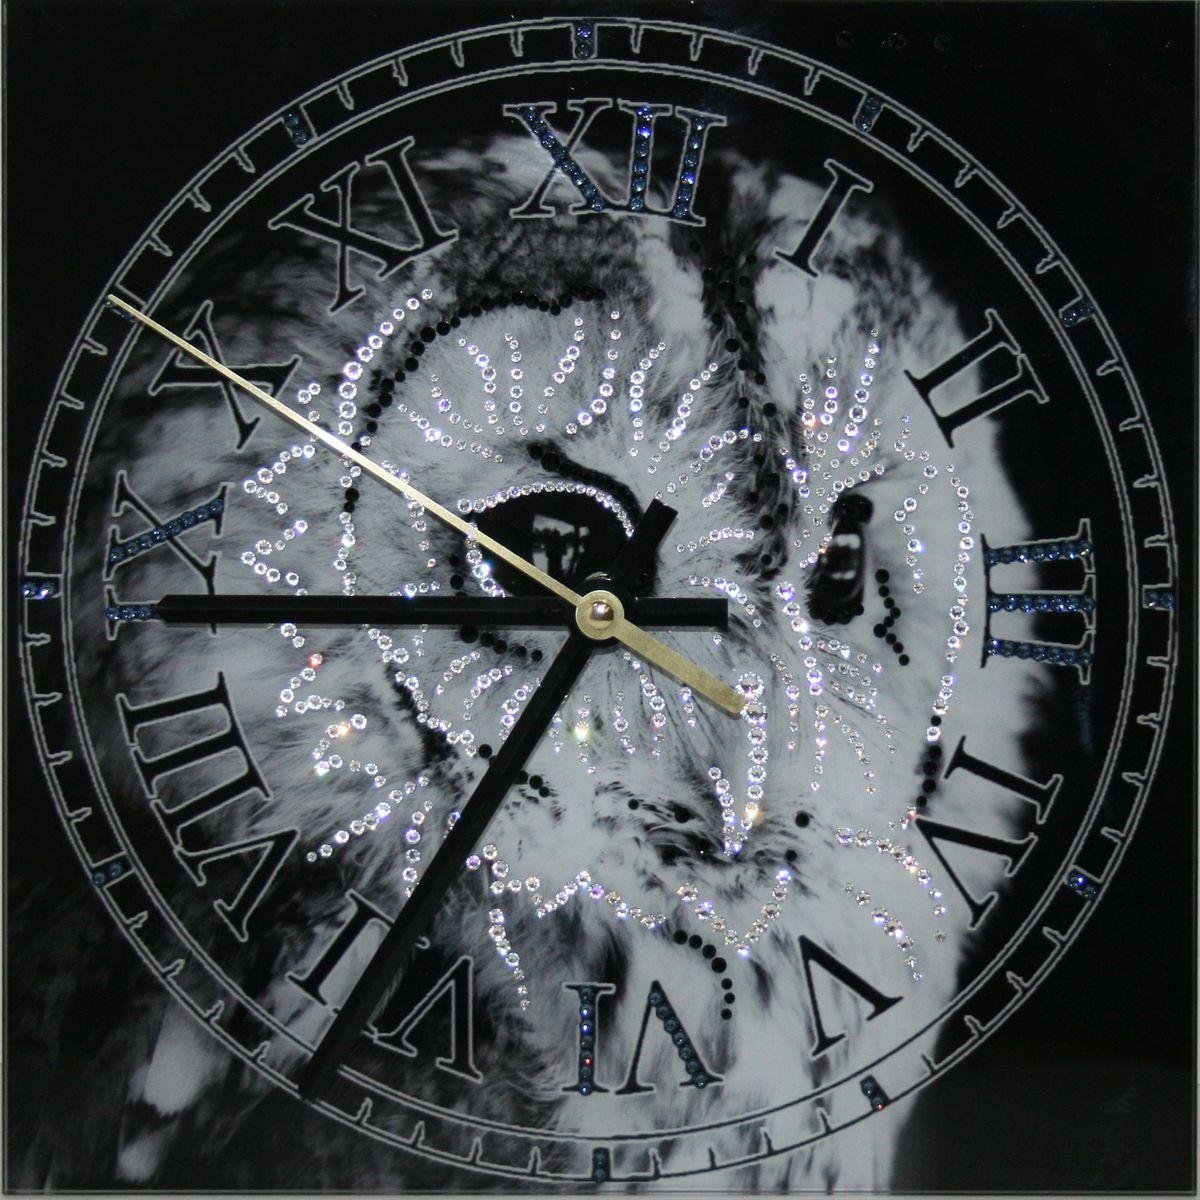 1651 Часы Сваровски Зоркий взгляд1651Часы без багета, инкрустированные кристалами Сваровски.